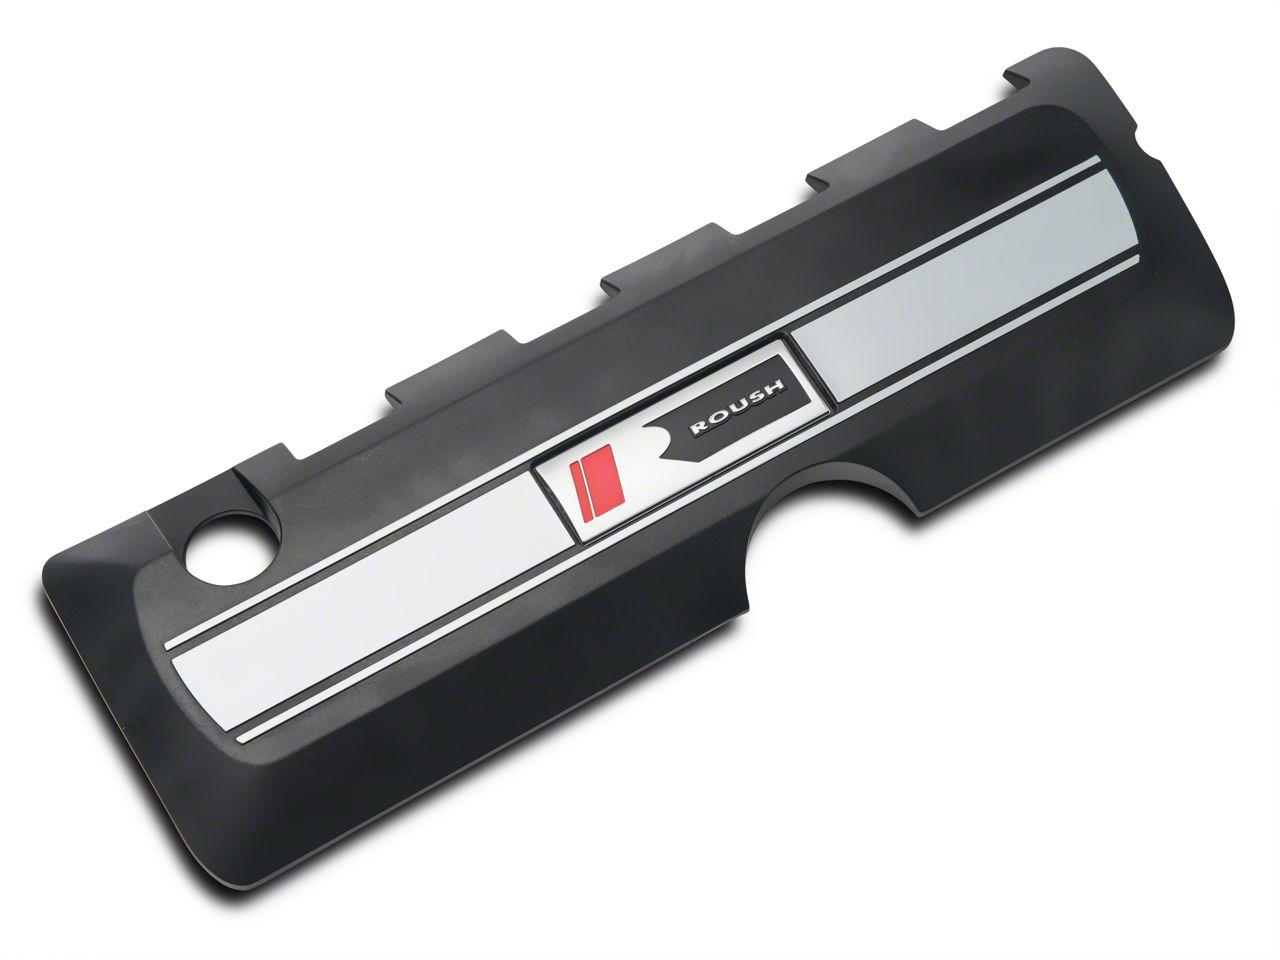 Roush Coil Covers - Dark Gray (11-17 GT; 12-13 BOSS 302; 15-19 GT350)